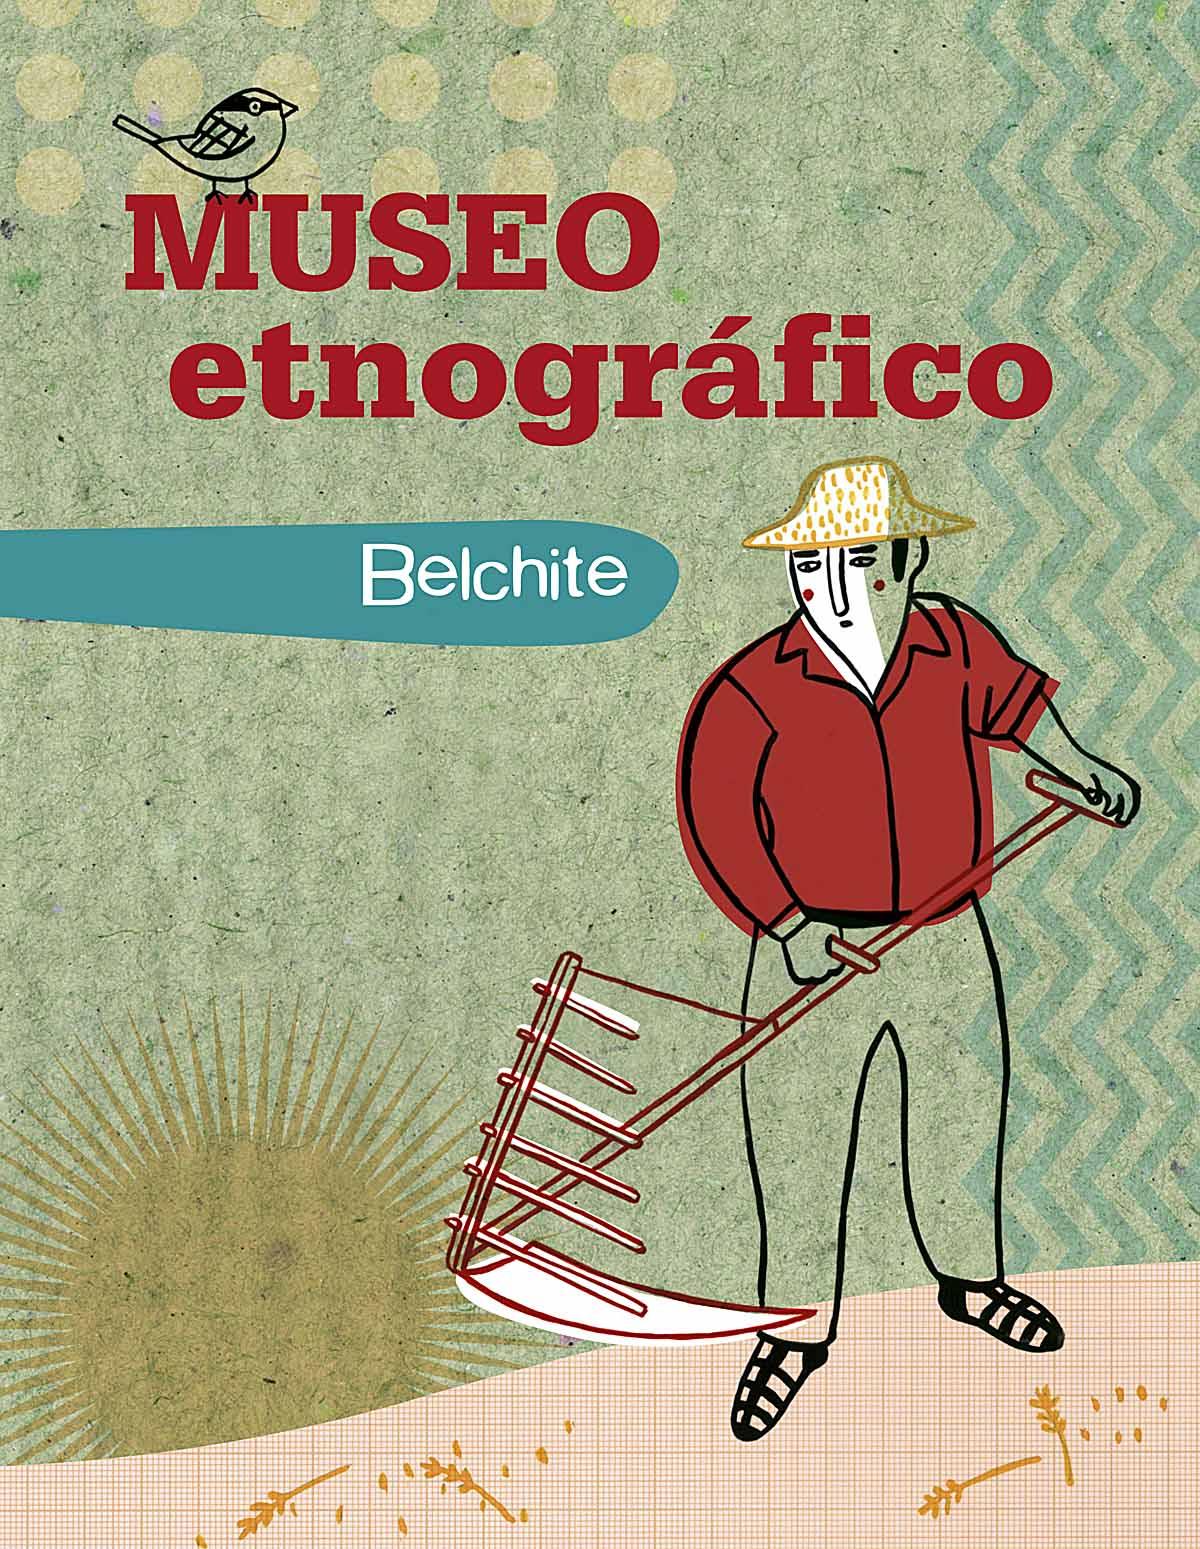 Museo Etnográfico de Belchite